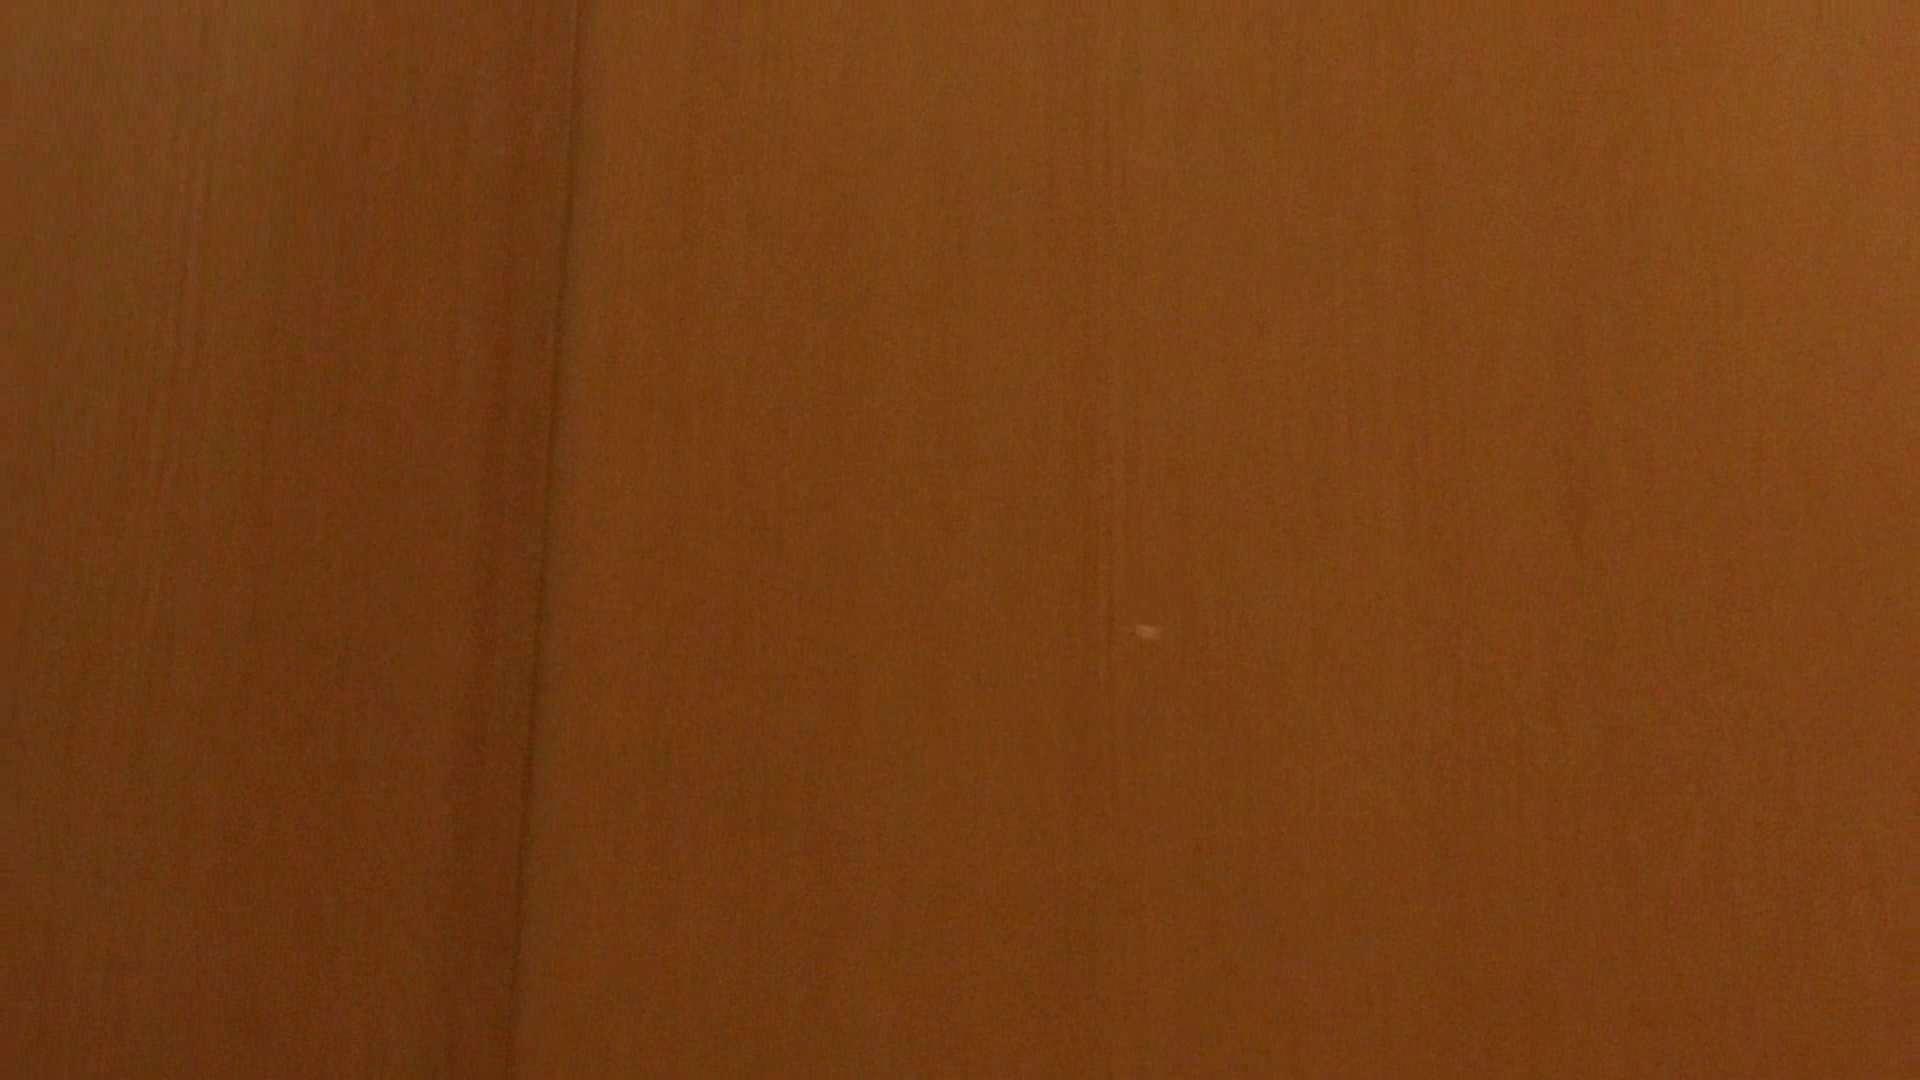 隣国化粧室下から御免!! No.06 美女  89連発 18